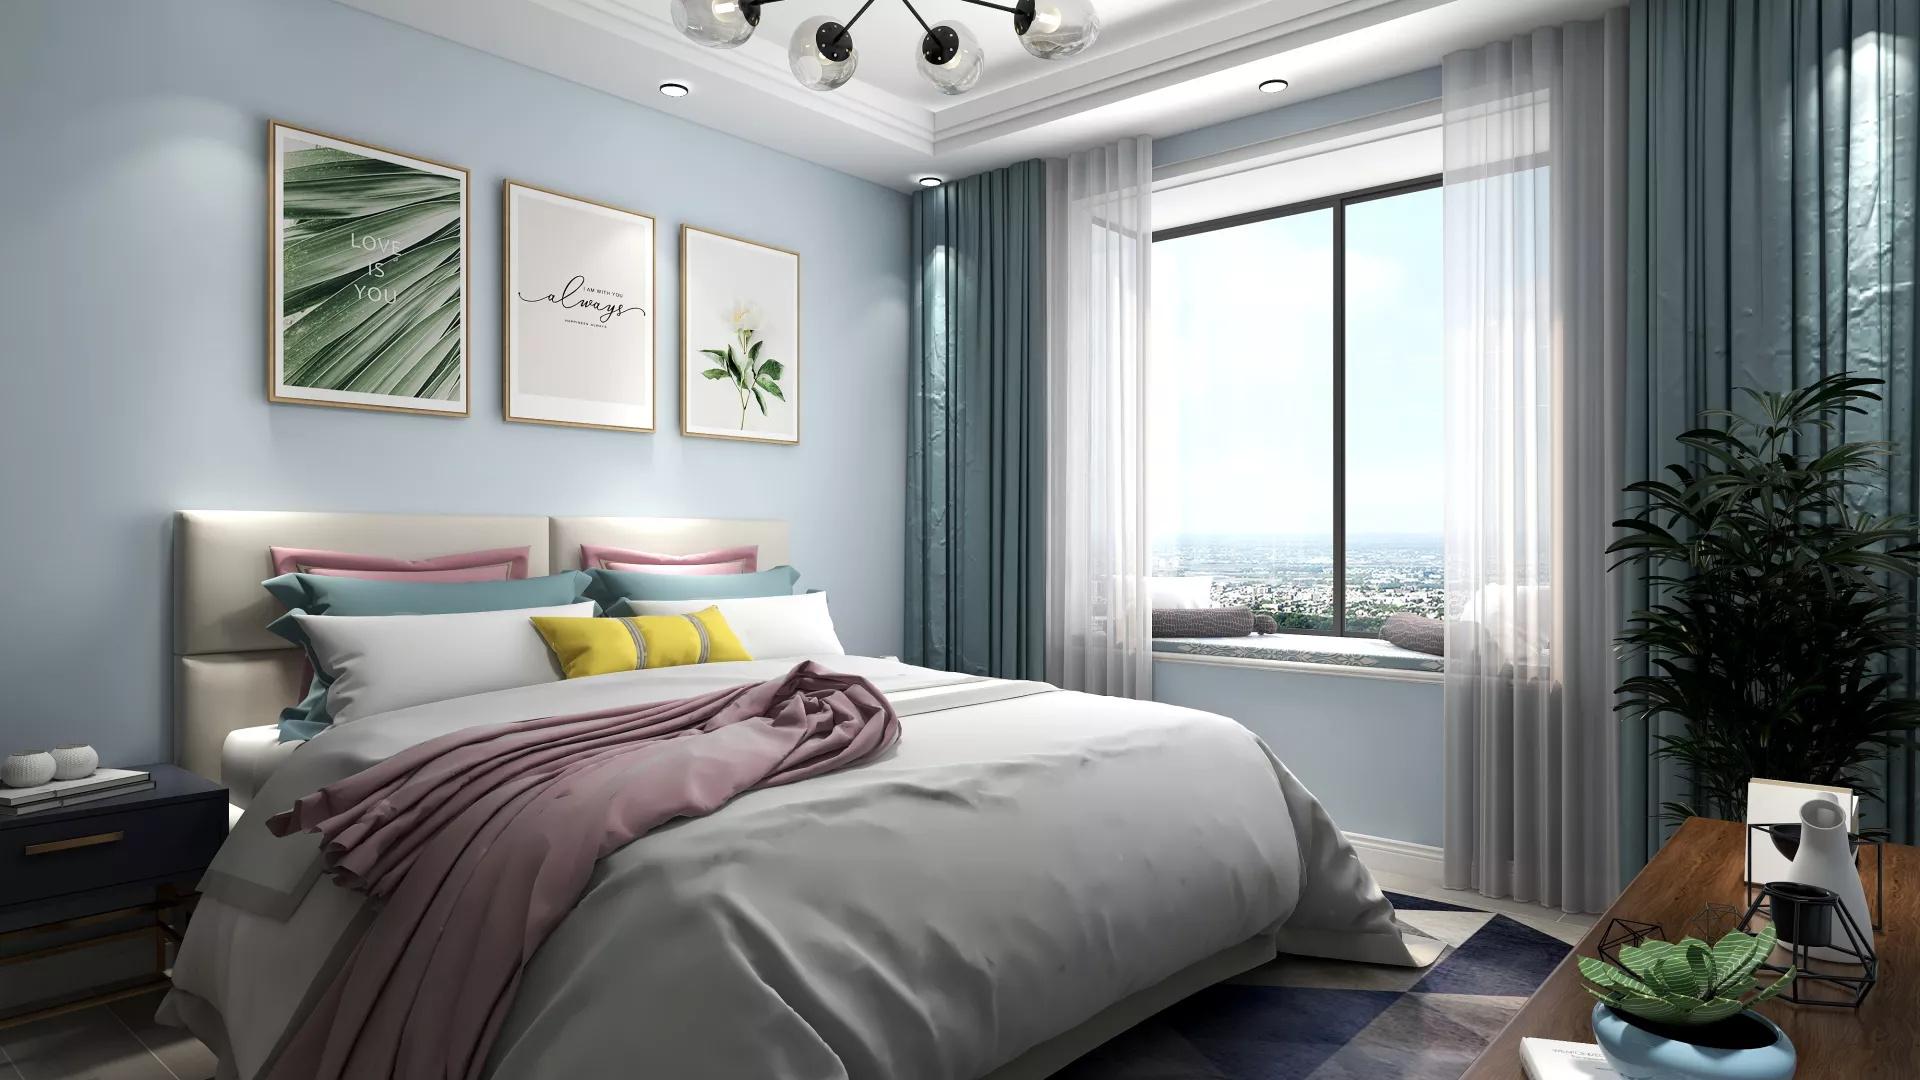 日式风格实用简洁型客厅装修效果图